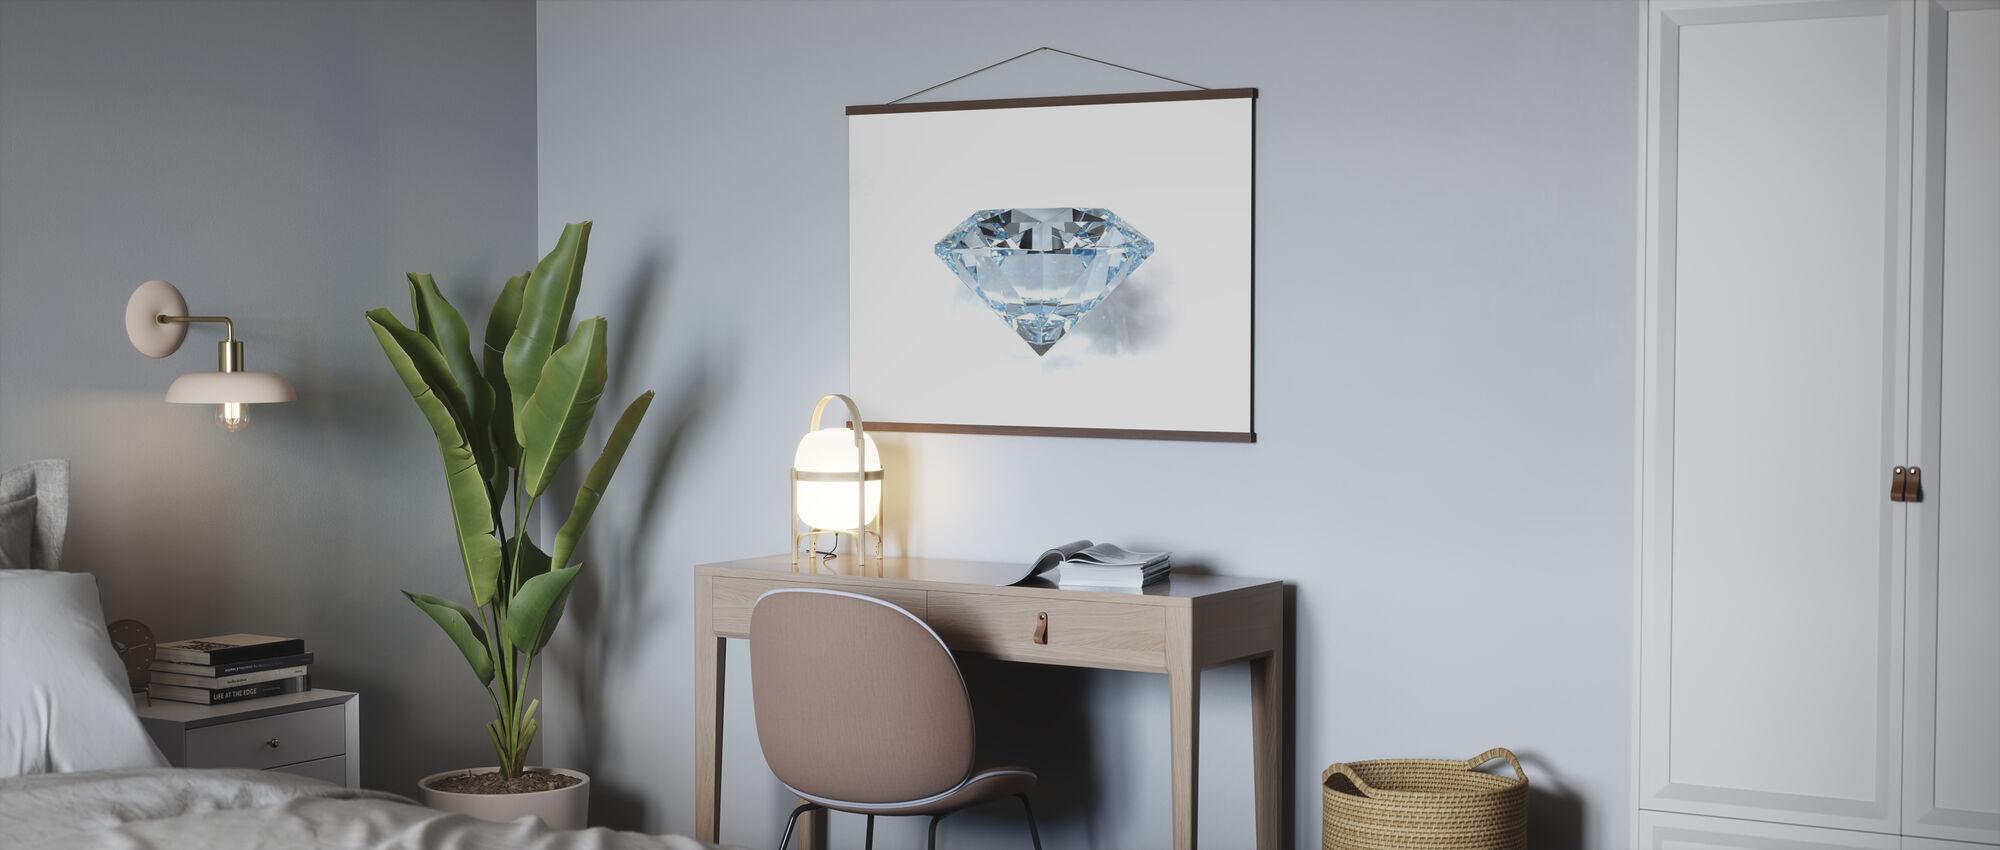 Diamant - Plakat - Kontor